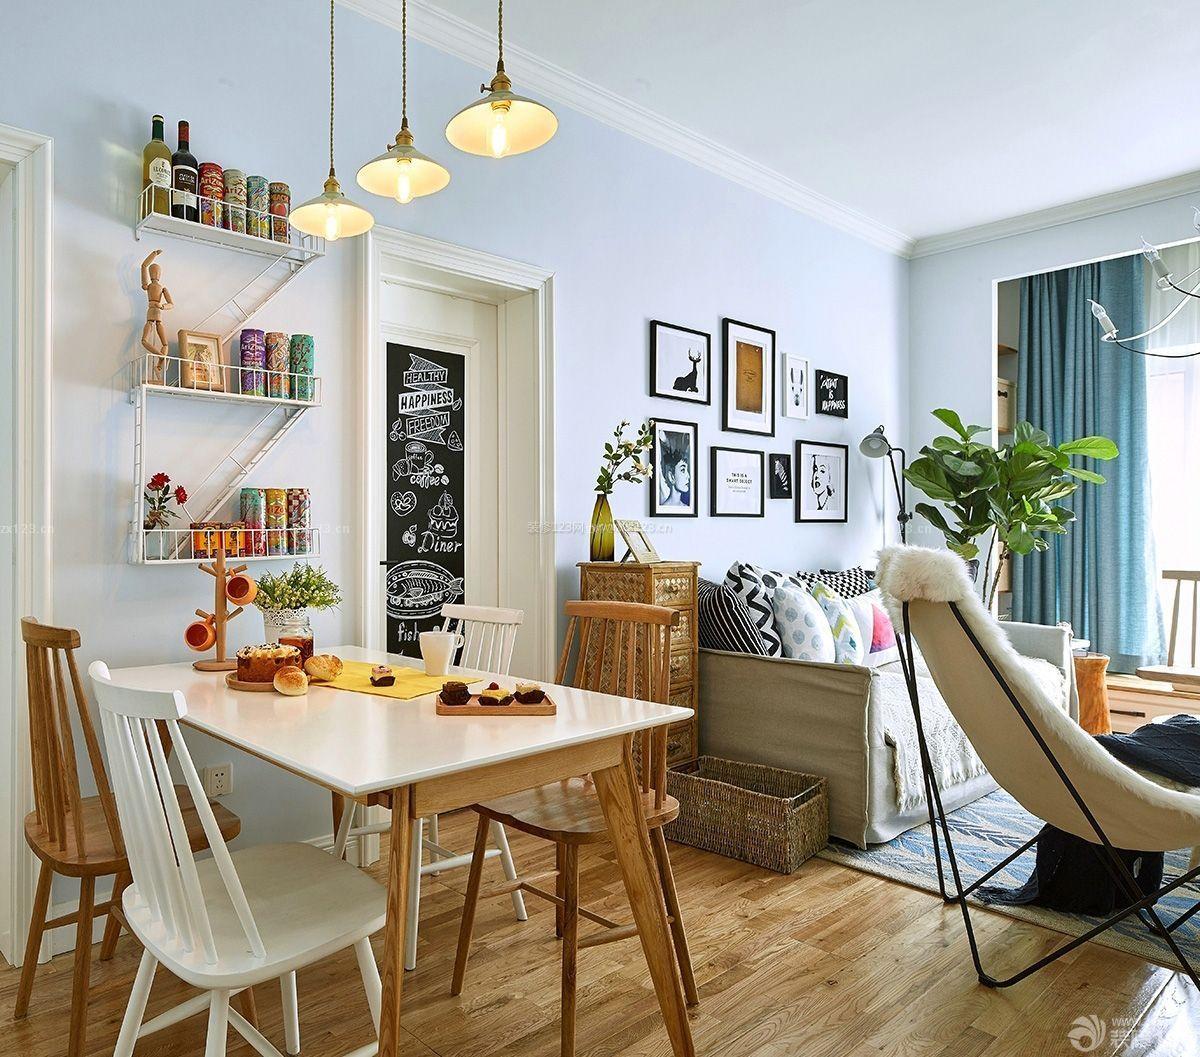 家装效果图 北欧 82平方房子北欧风格餐厅装修效果图 提供者: ←